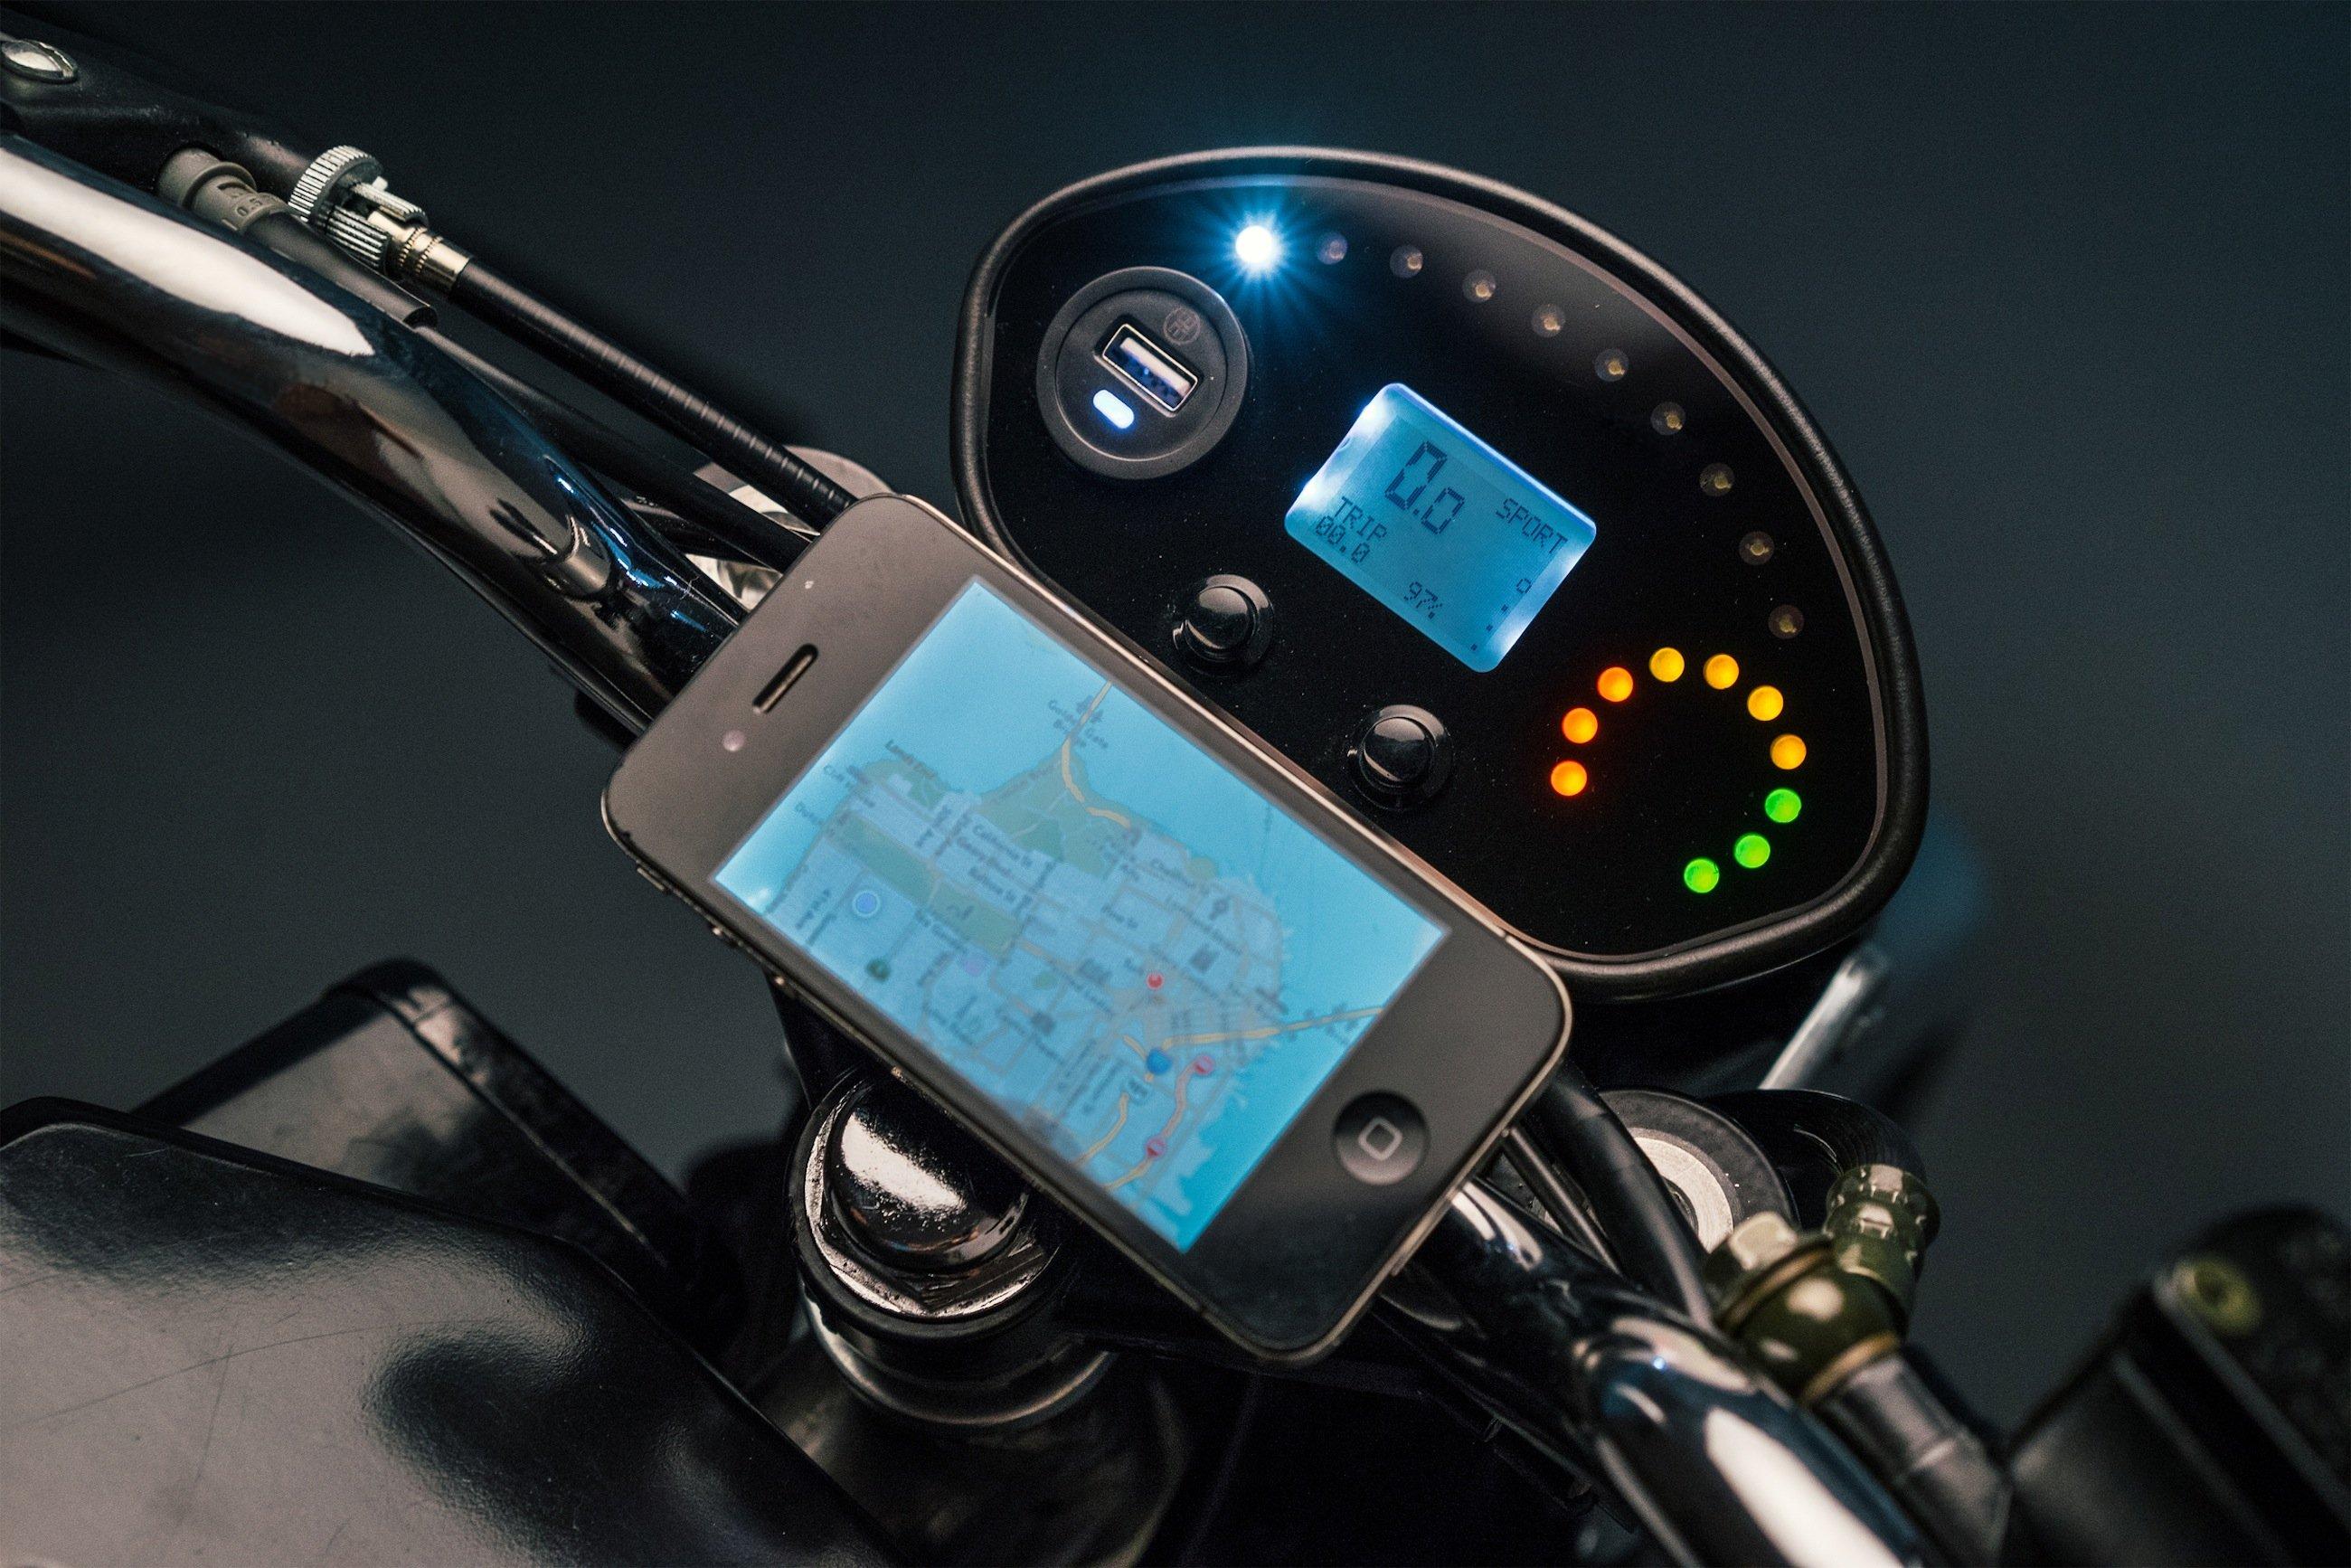 Der Bordcomputer ist mit einem Passwort geschützt und kannvia Bluetooth mit dem Smartphone verbunden werden, das etwa als Navi dienen kann.